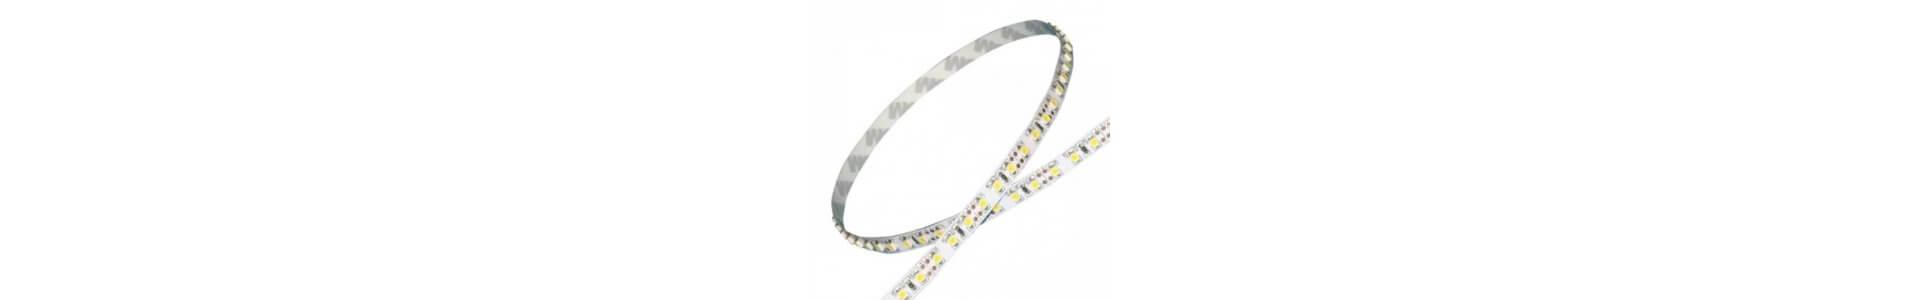 12V LED Slinga